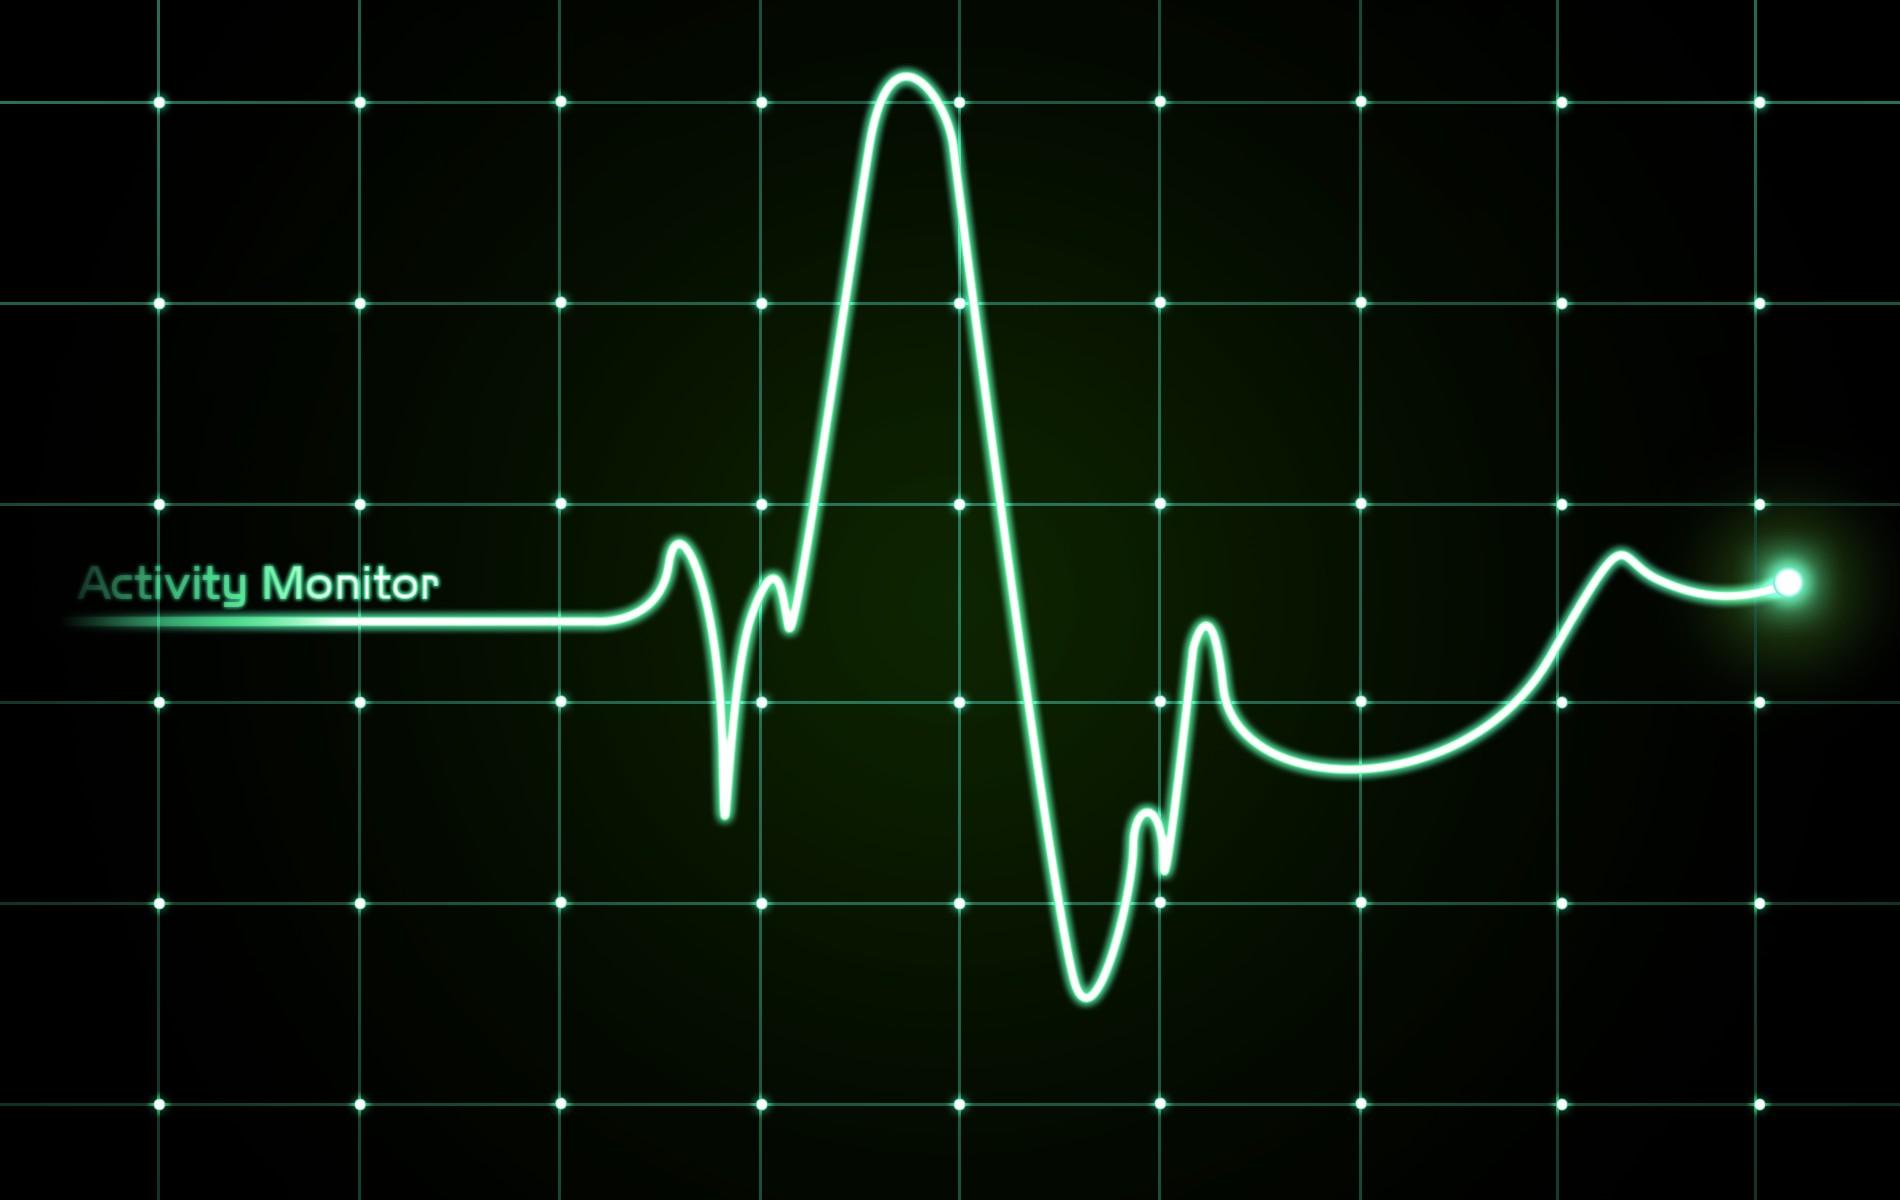 Сердцебиение Учащенное фото